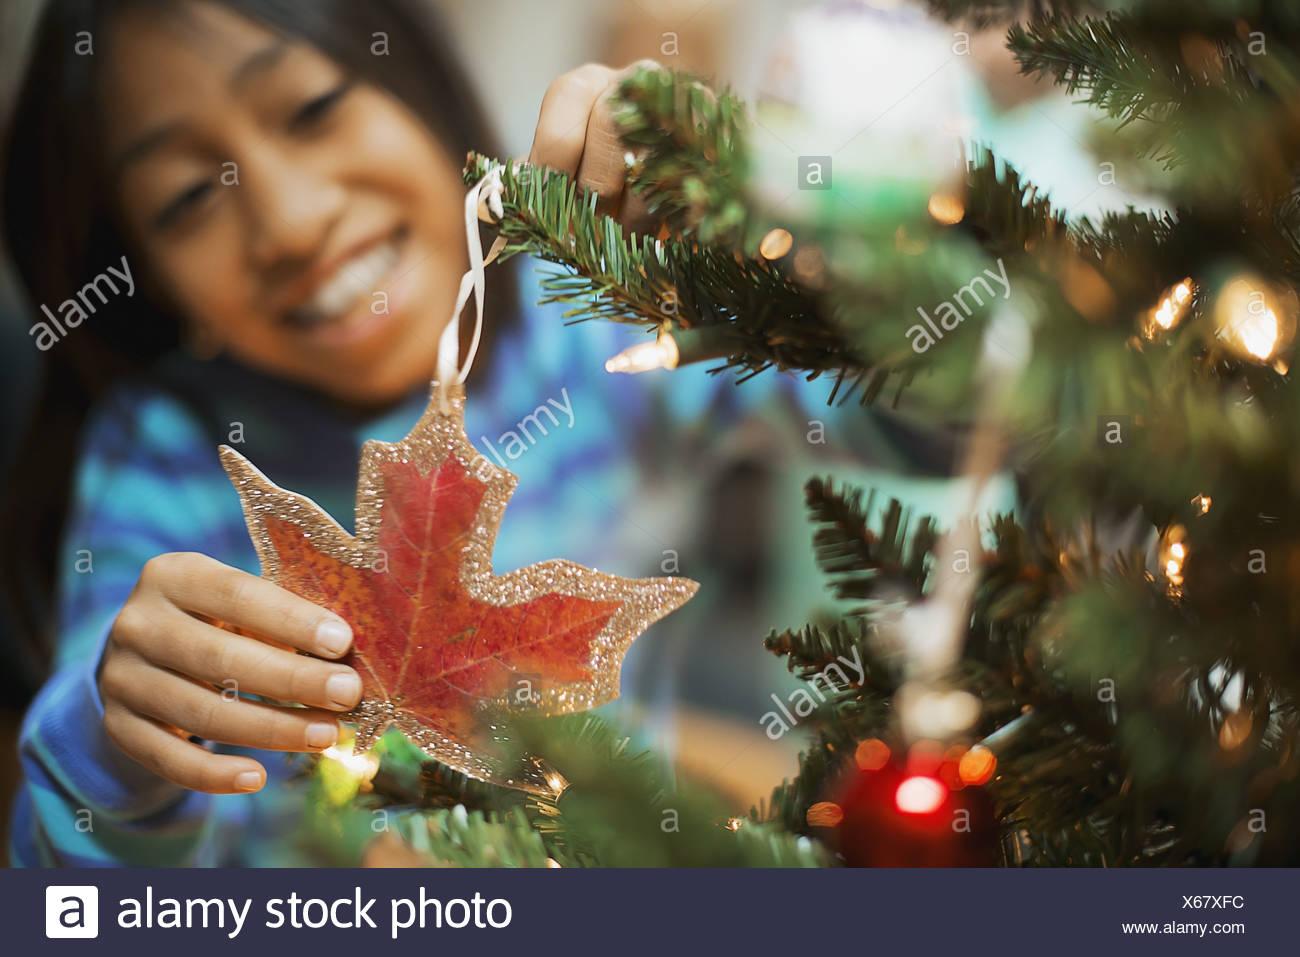 Woodstock New York USA young girl placing handmade Christmas ornament - Stock Image